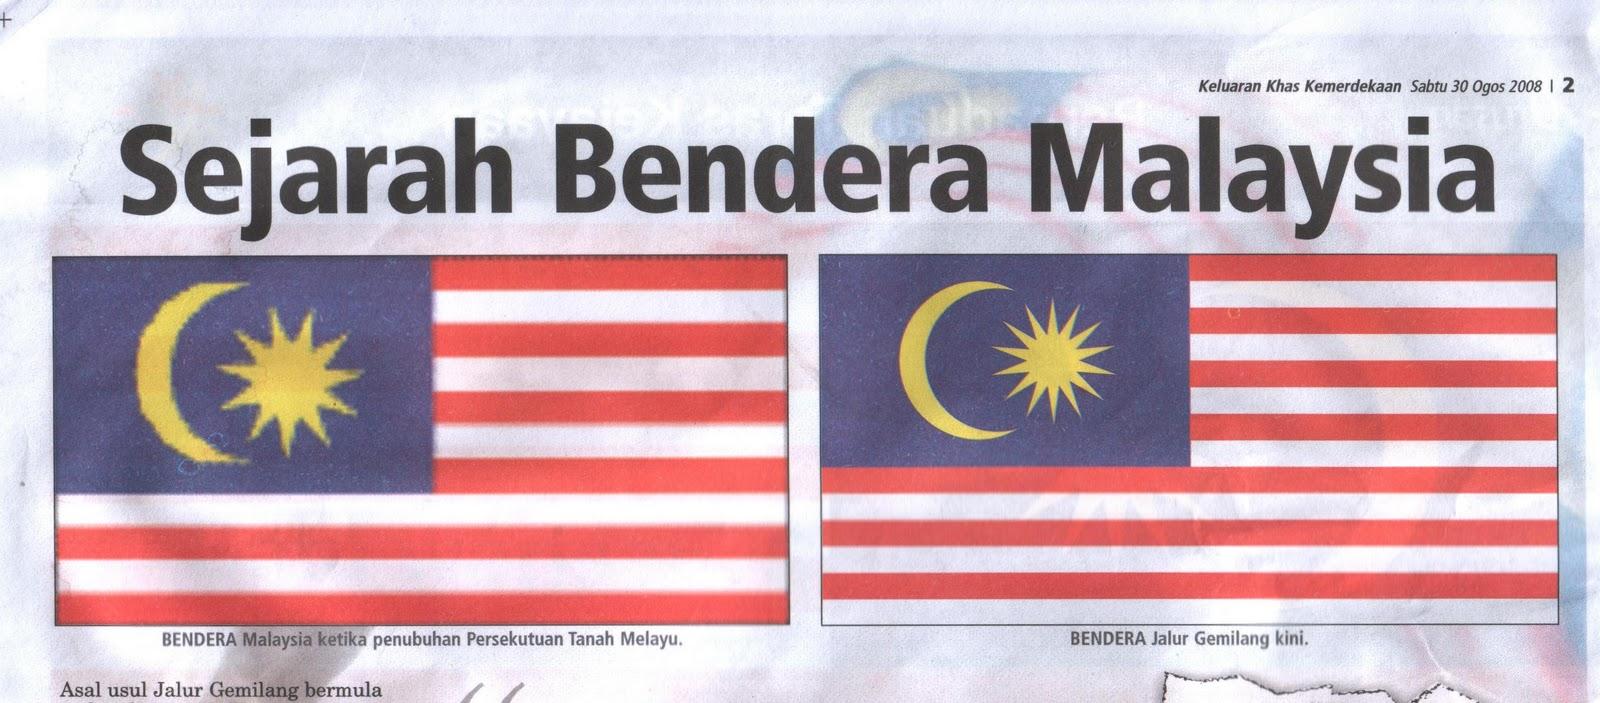 Bisikan Seorang Hamba Sejarah Bendera Malaysia